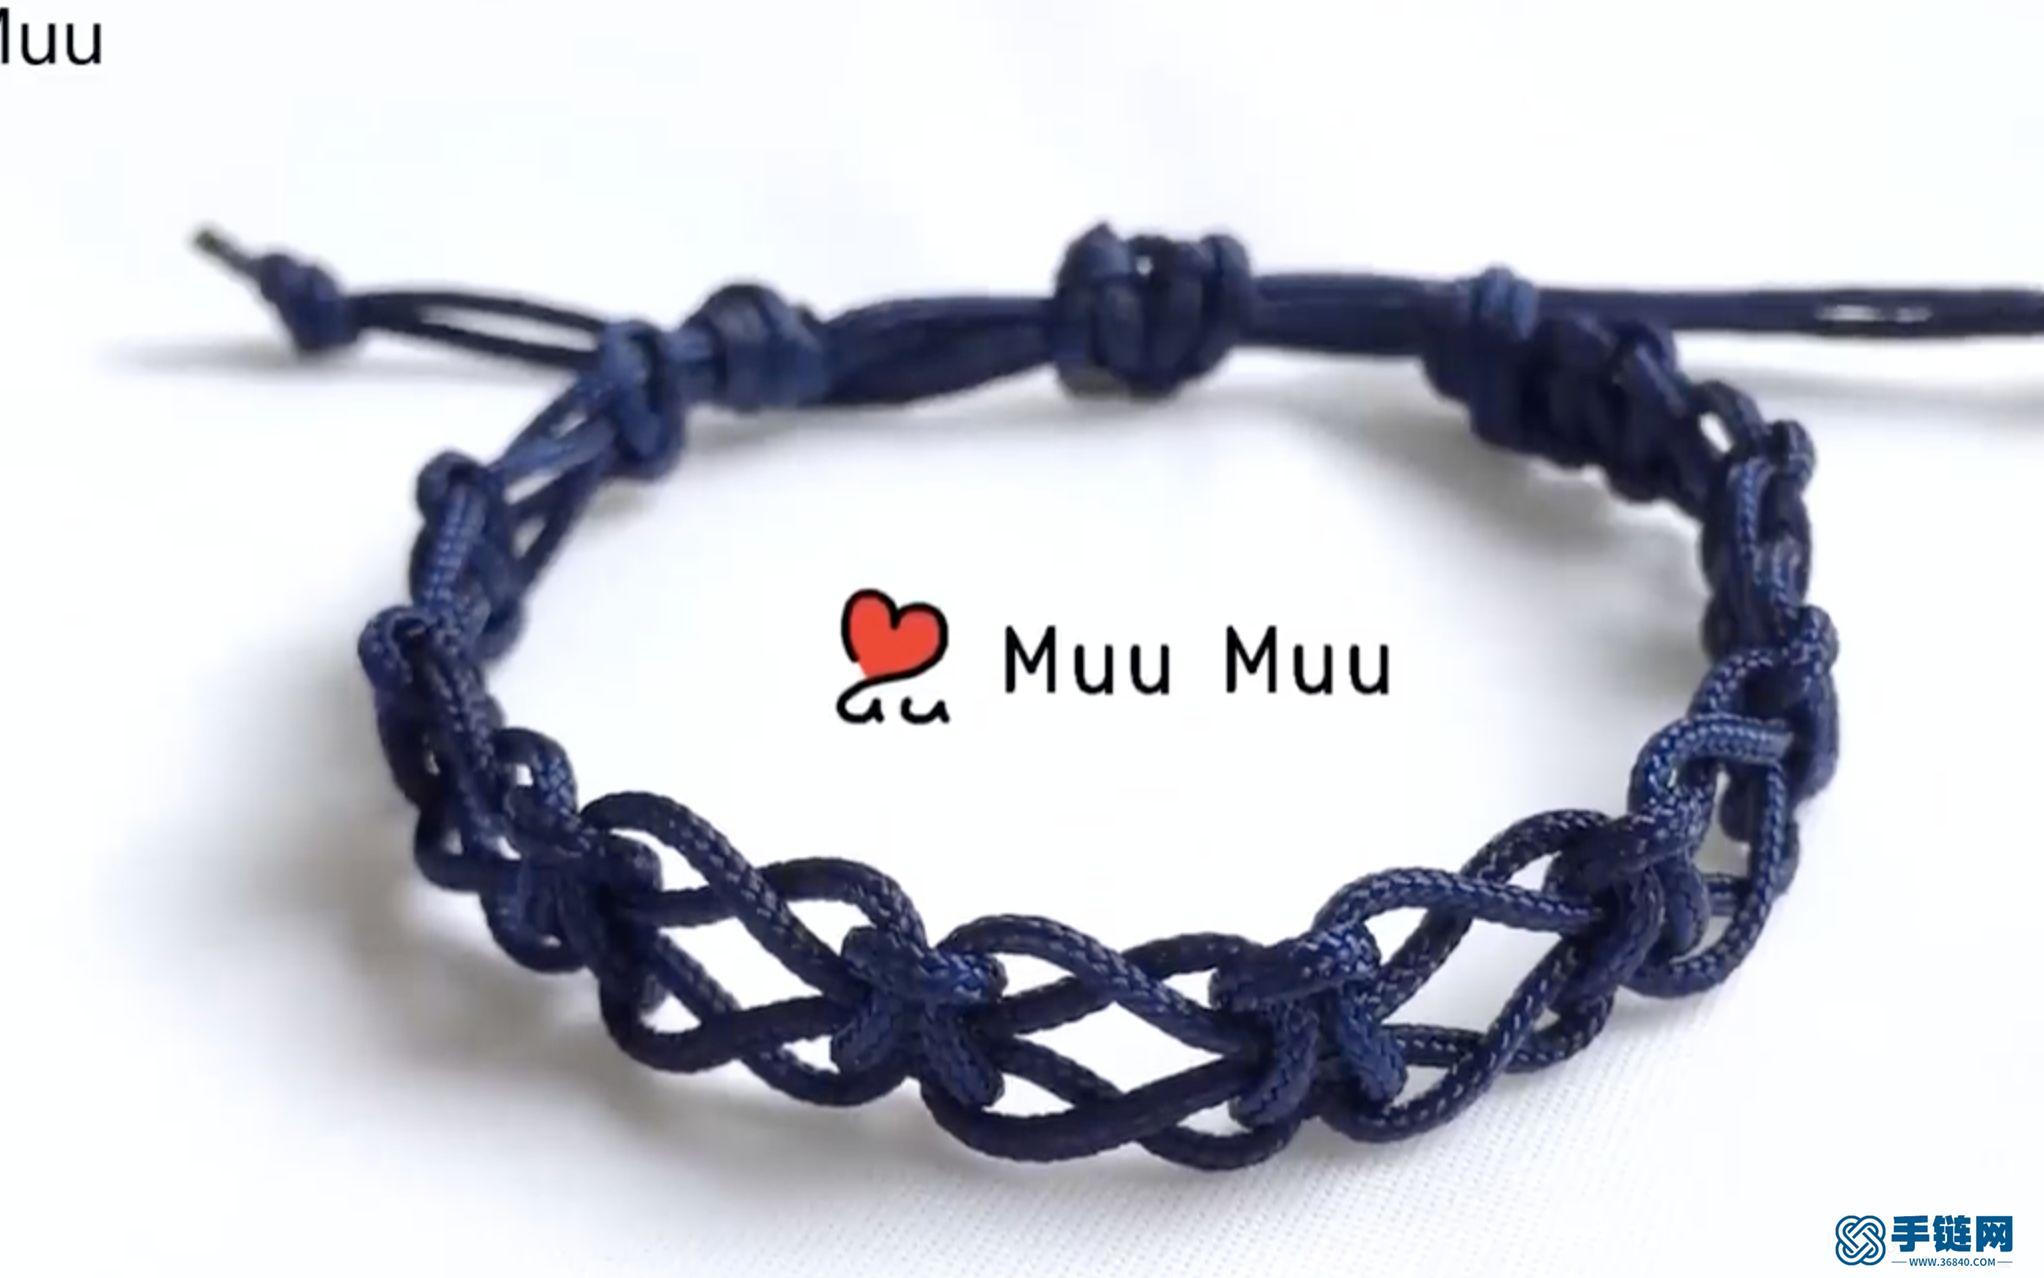 漂亮的深蓝色蕾丝手环_看不出来是平结编织出来的吧